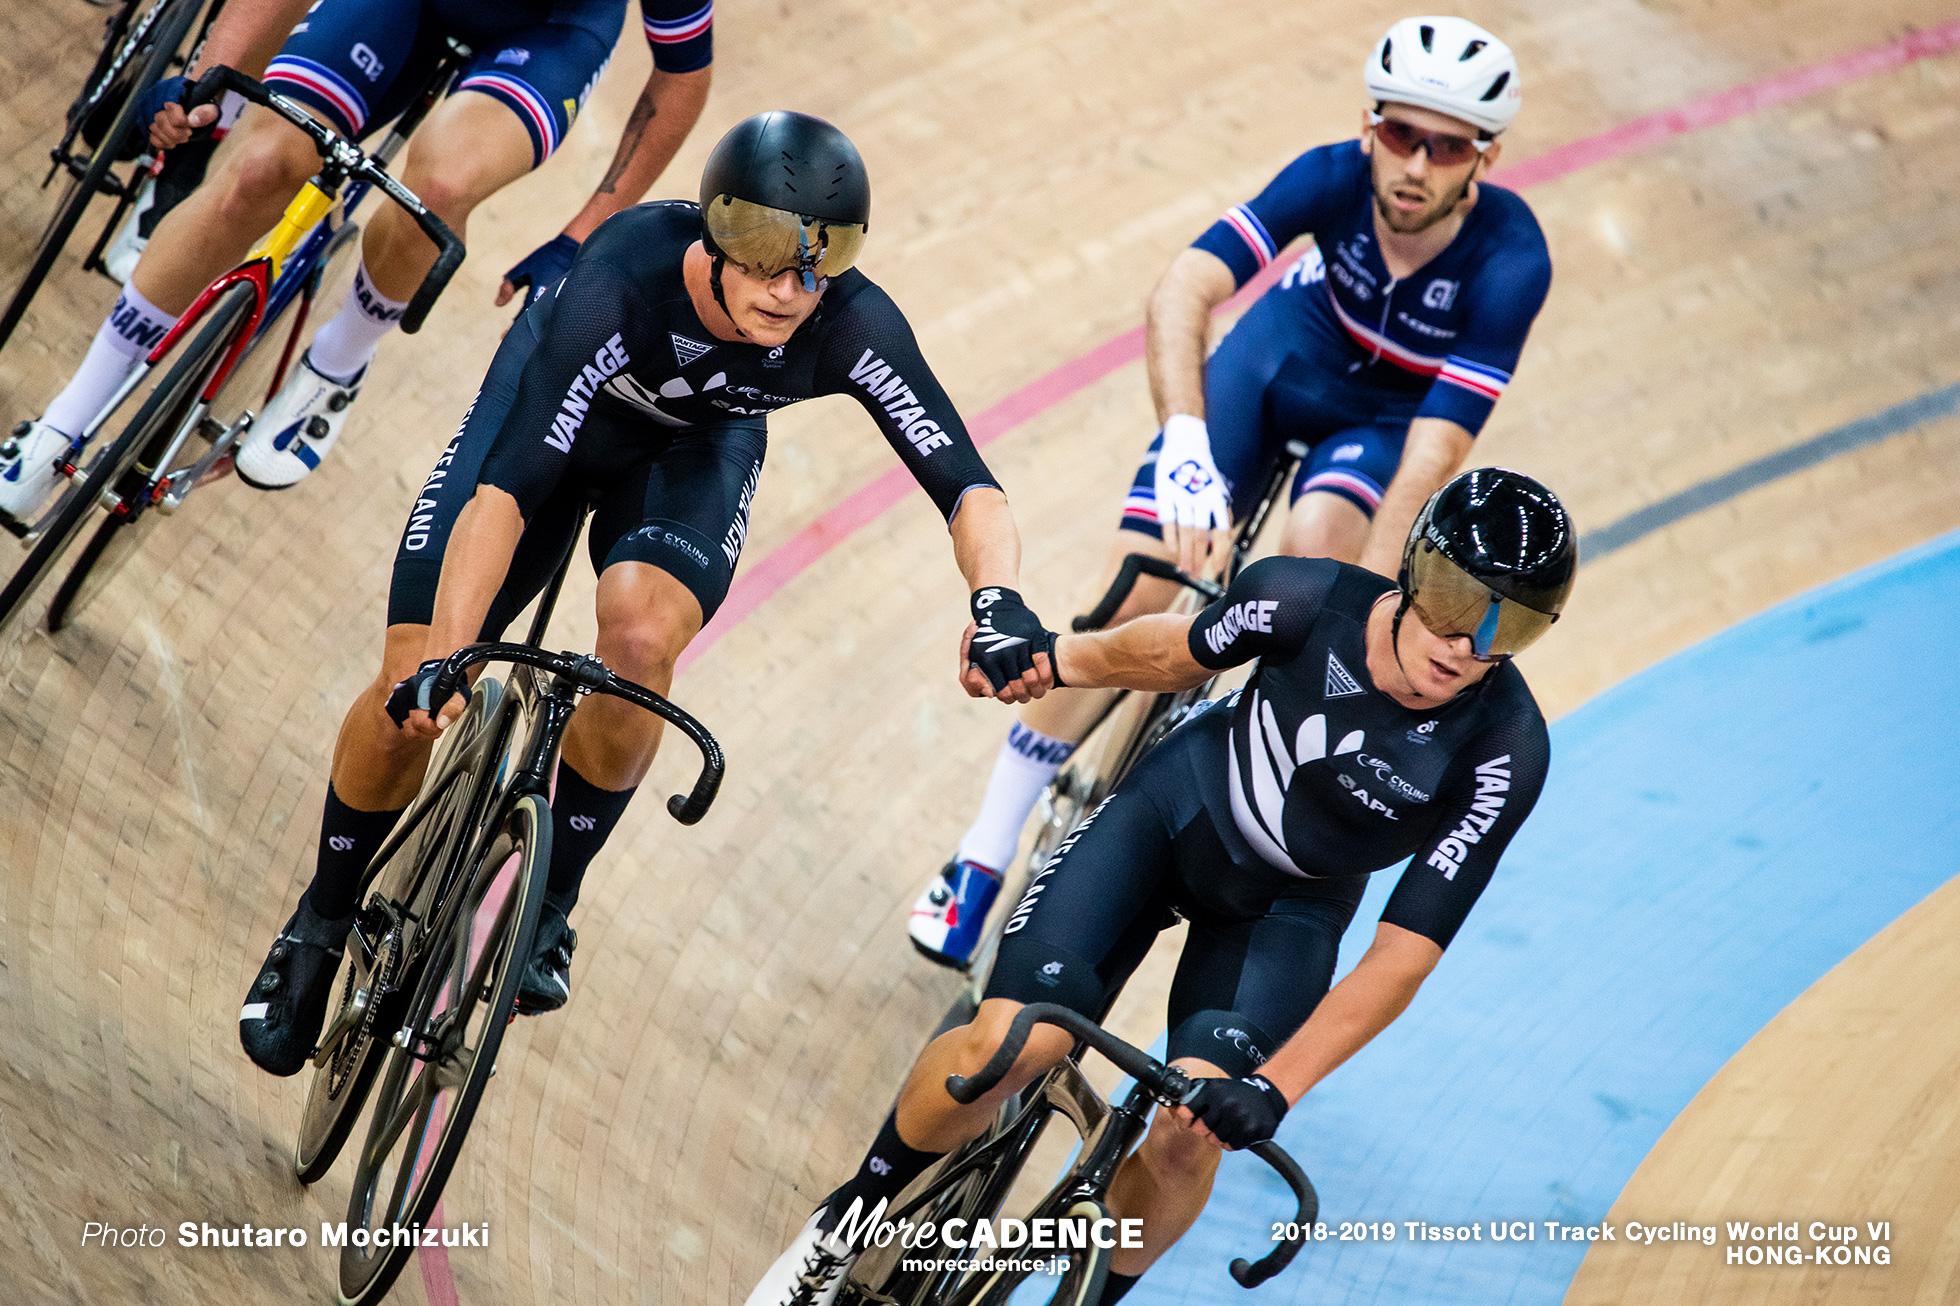 Men's Madison / Track Cycling World Cup VI / Hong-Kong